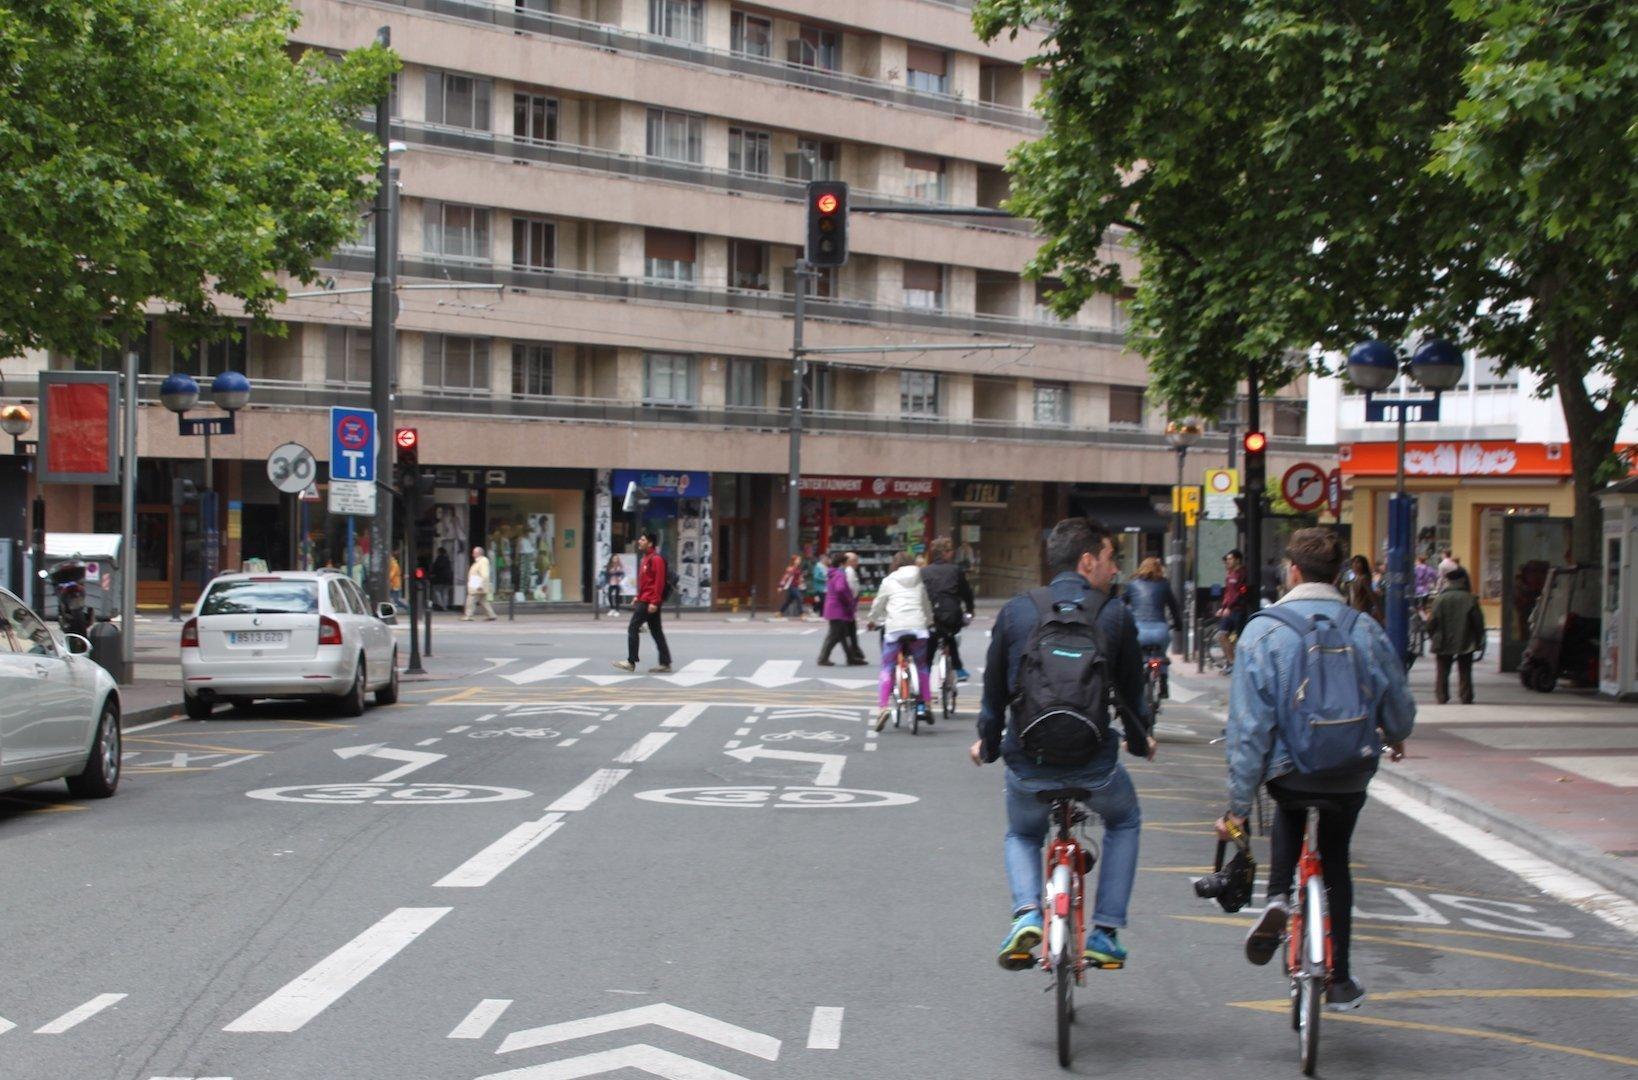 Radfahrer auf der Straße. Im Hintergrund sind Fußgänger und Hausfassaden zu sehen.